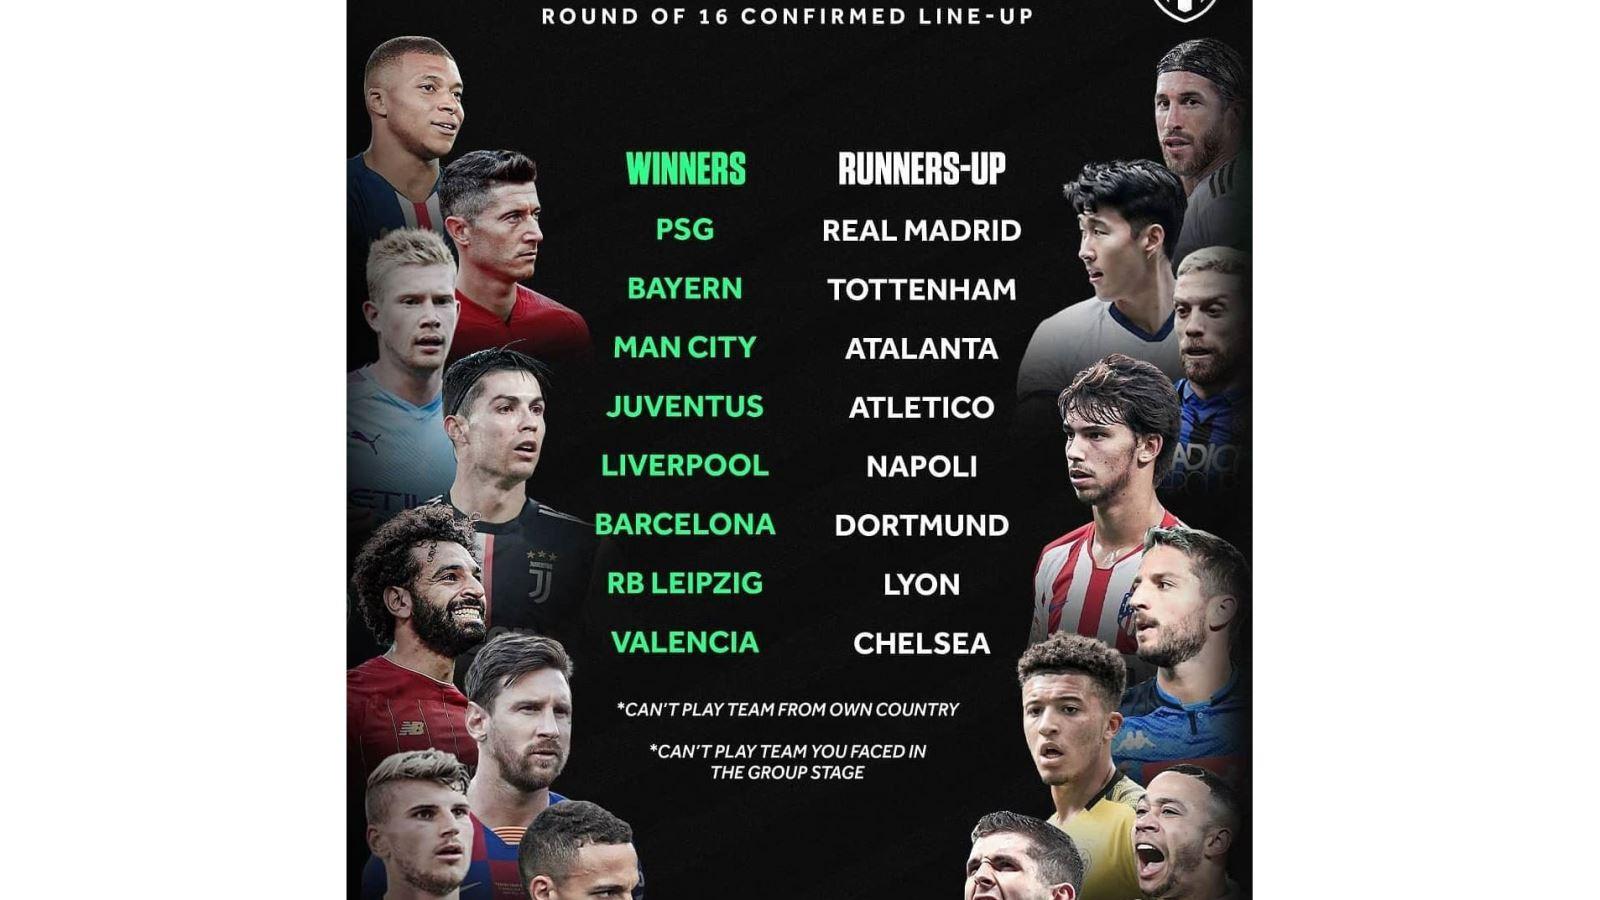 Bốc thăm vòng 1/8 Cúp C1, Bốc thăm Cúp C1, Bốc thăm Champions League, Bốc thăm vòng 1/8 Cúp C1 diễn ra khi nào, trực tiếp bốc thăm Cúp C1, MU, uefa, PSG, Real Madrid, Bayern Munich, Tottenham, Man City, Atalanta, Juventus, Atletico Madrid, Liverpool, Napoli, Barcelona, Dortmund, RB Leipzig, Lyon, Valencia, Chelsea